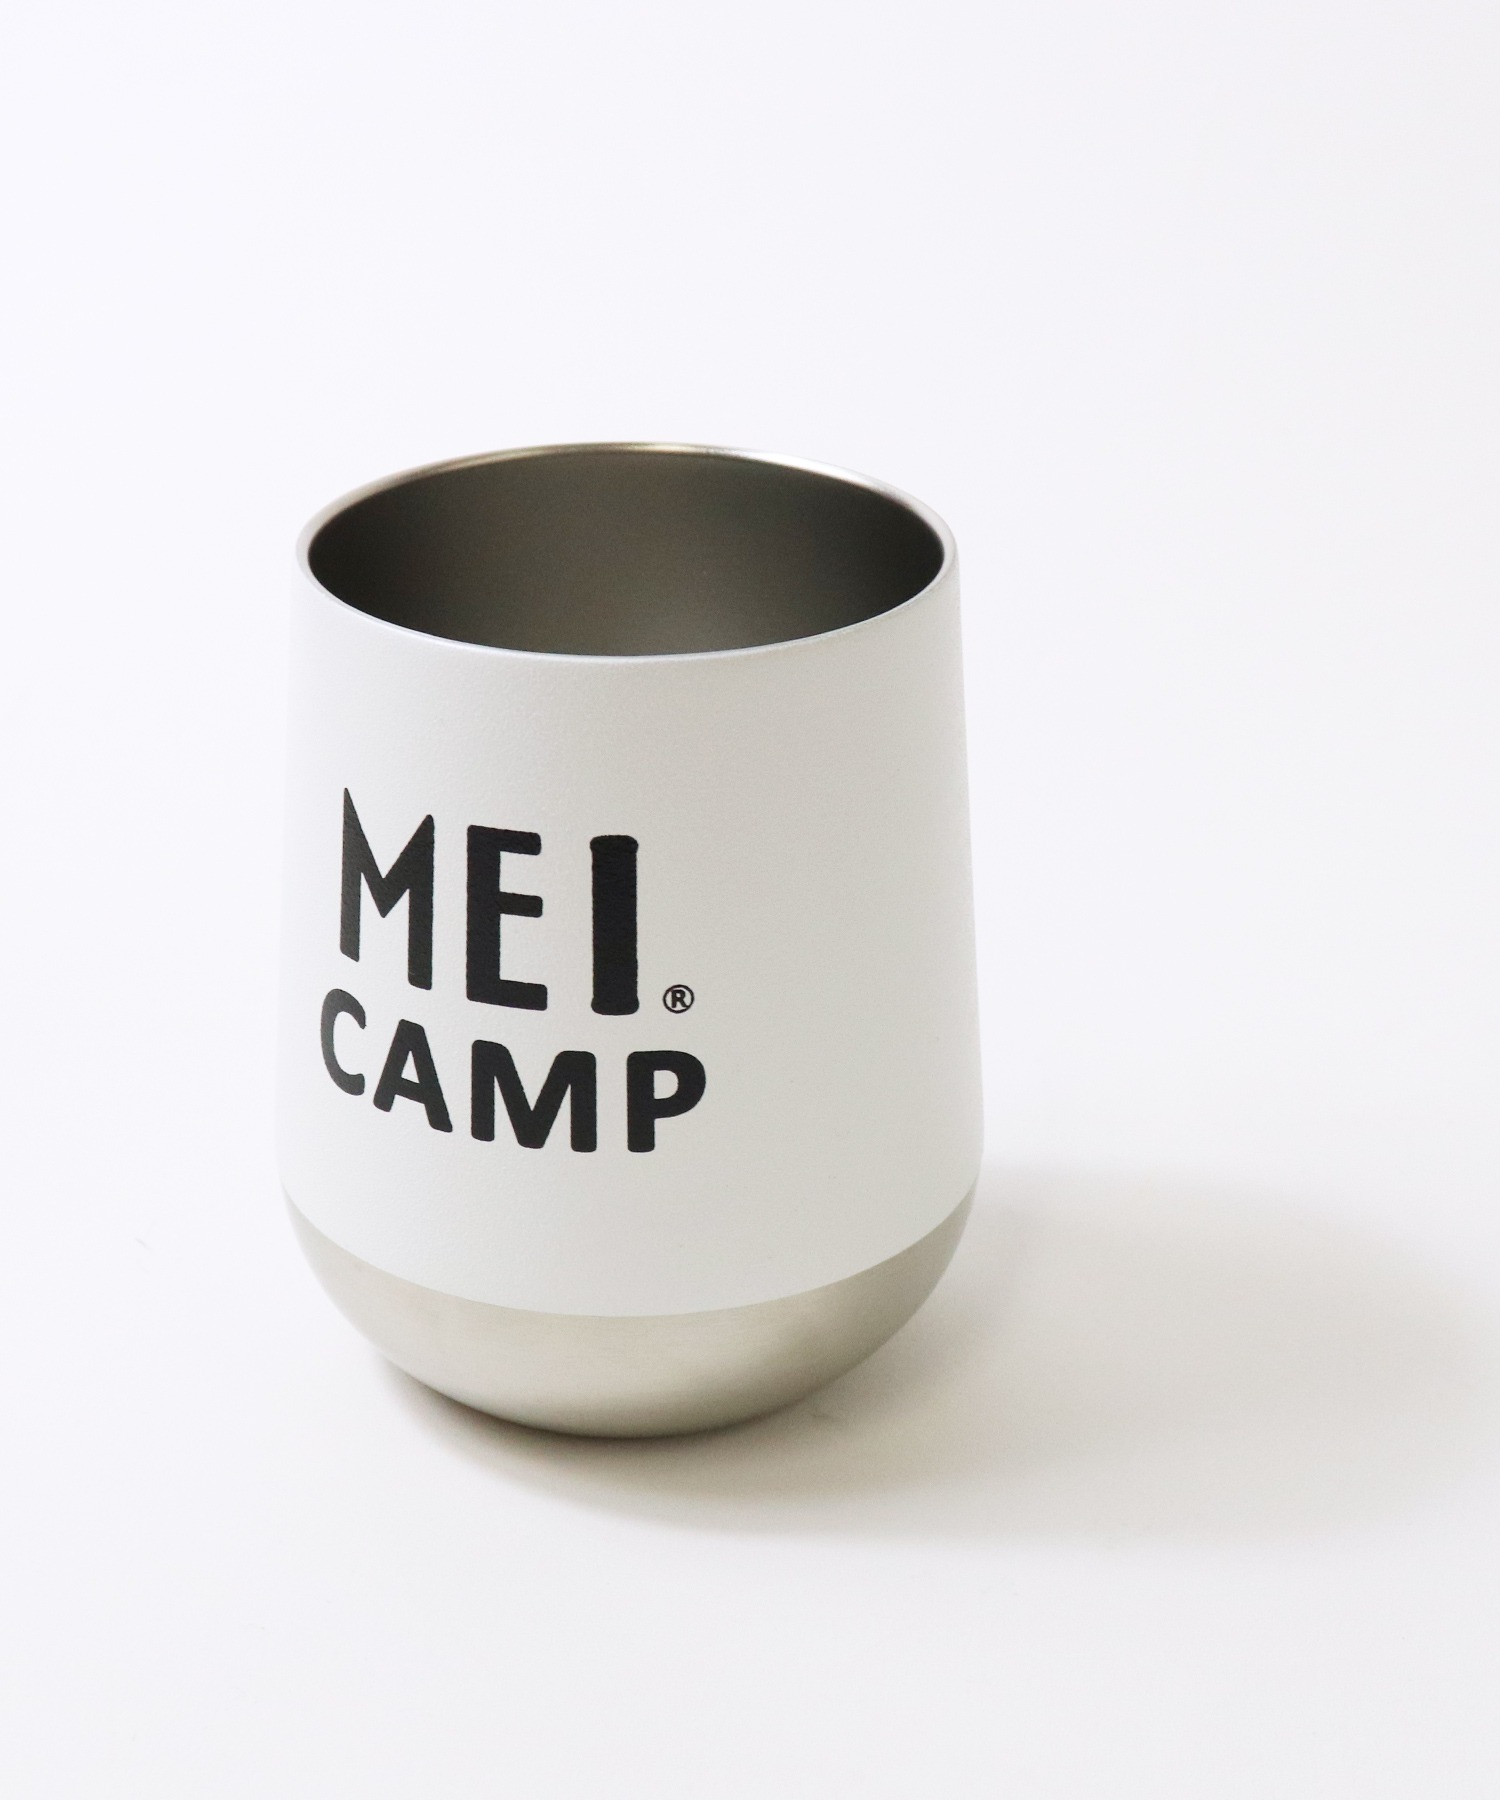 WEBメディア CAMP HACK 掲載 【 MEI CAMP / メイキャンプ 】 サーモラウンドタンブラー ステンレス 保温 保冷